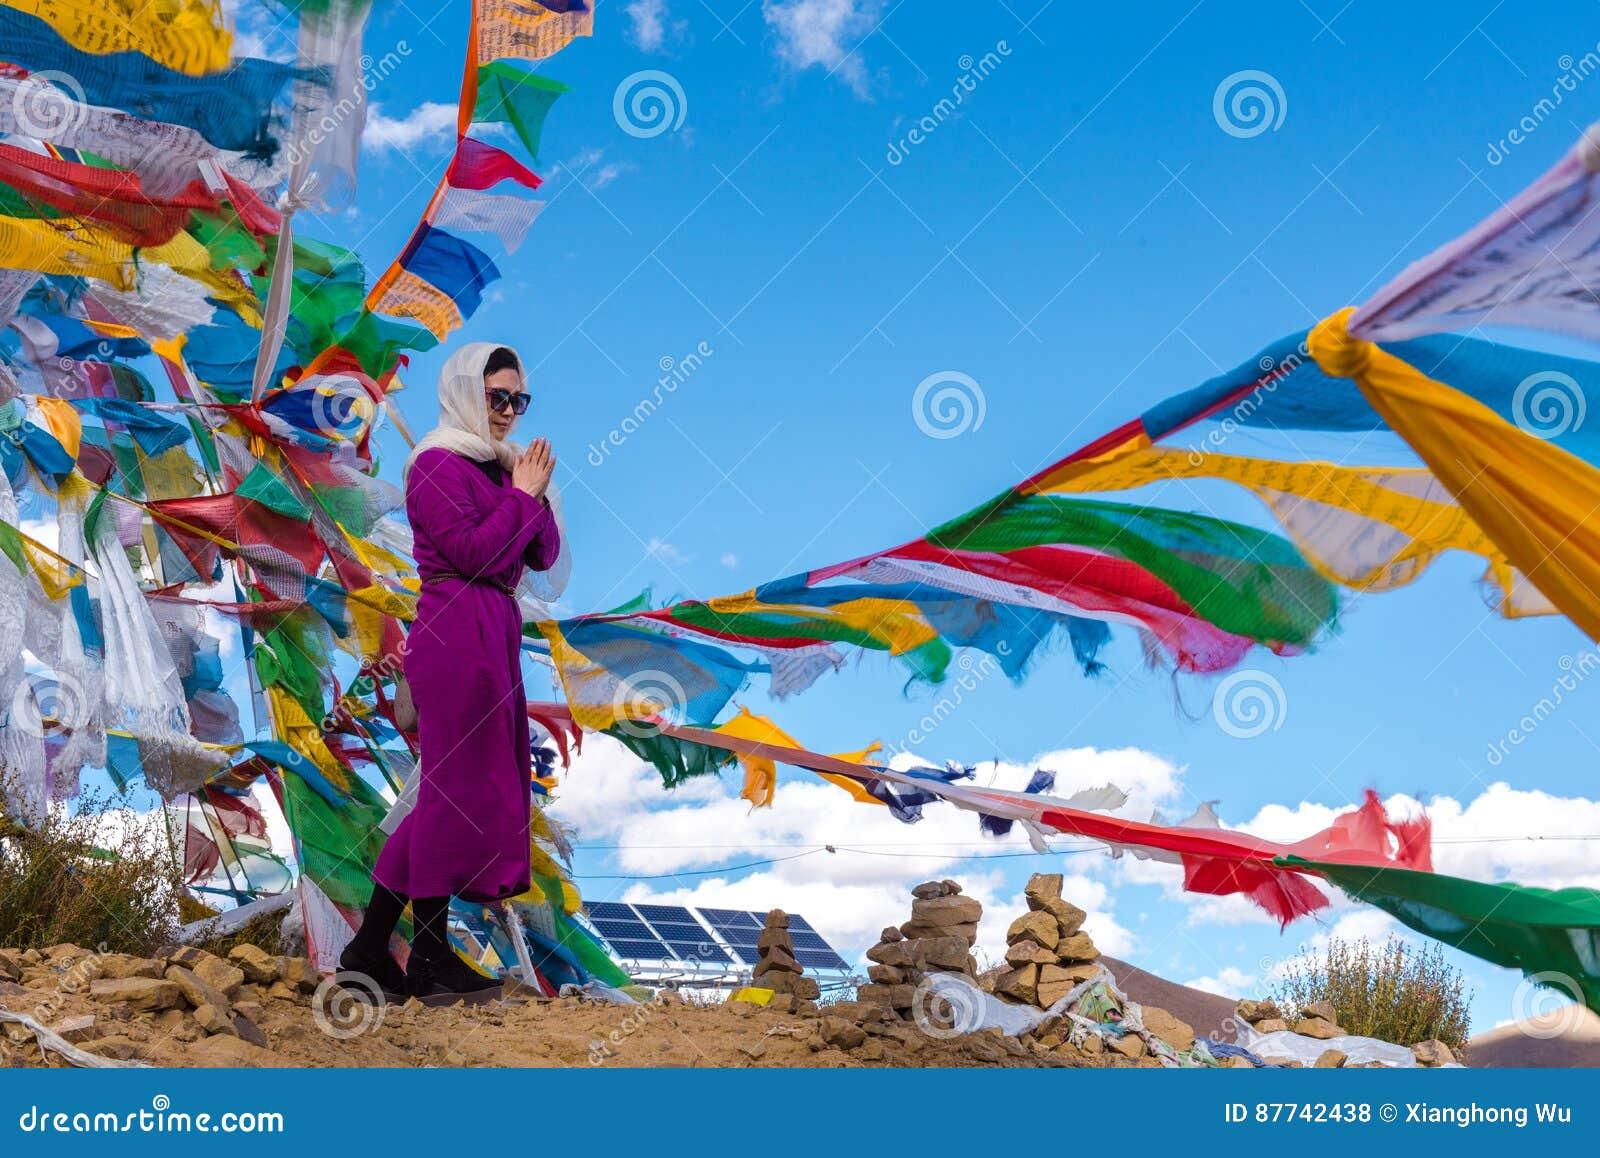 Красивый пейзаж: Флаги женщины и молитвы